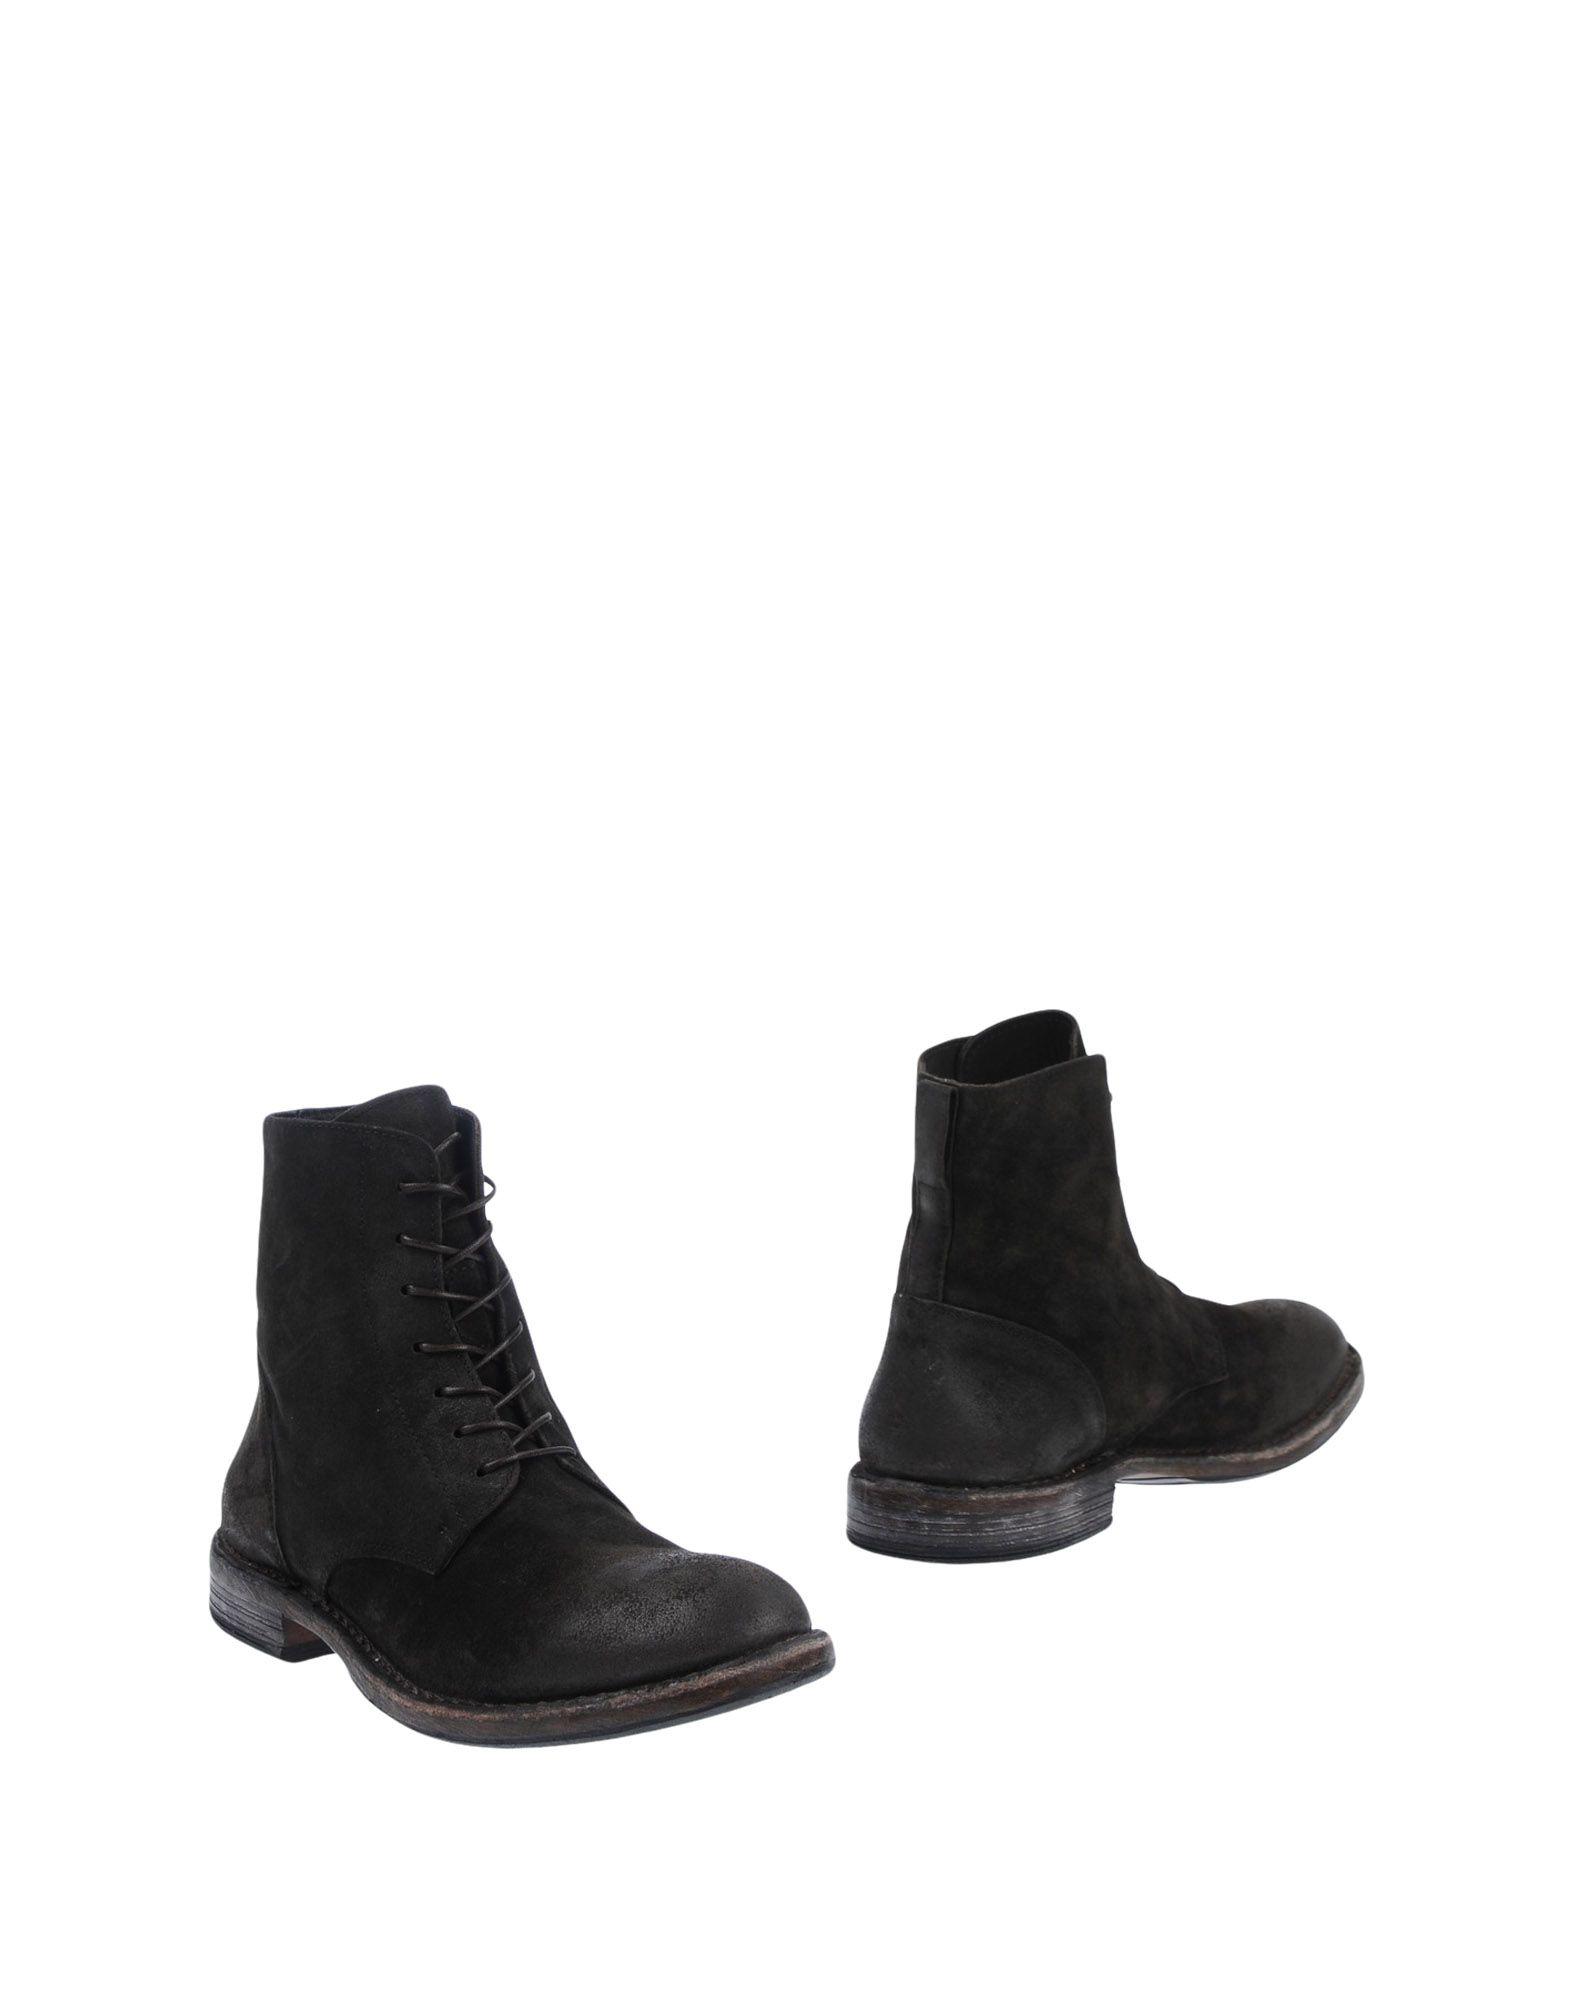 Moma Stiefelette Gute Herren  11508718JT Gute Stiefelette Qualität beliebte Schuhe 54b2c7